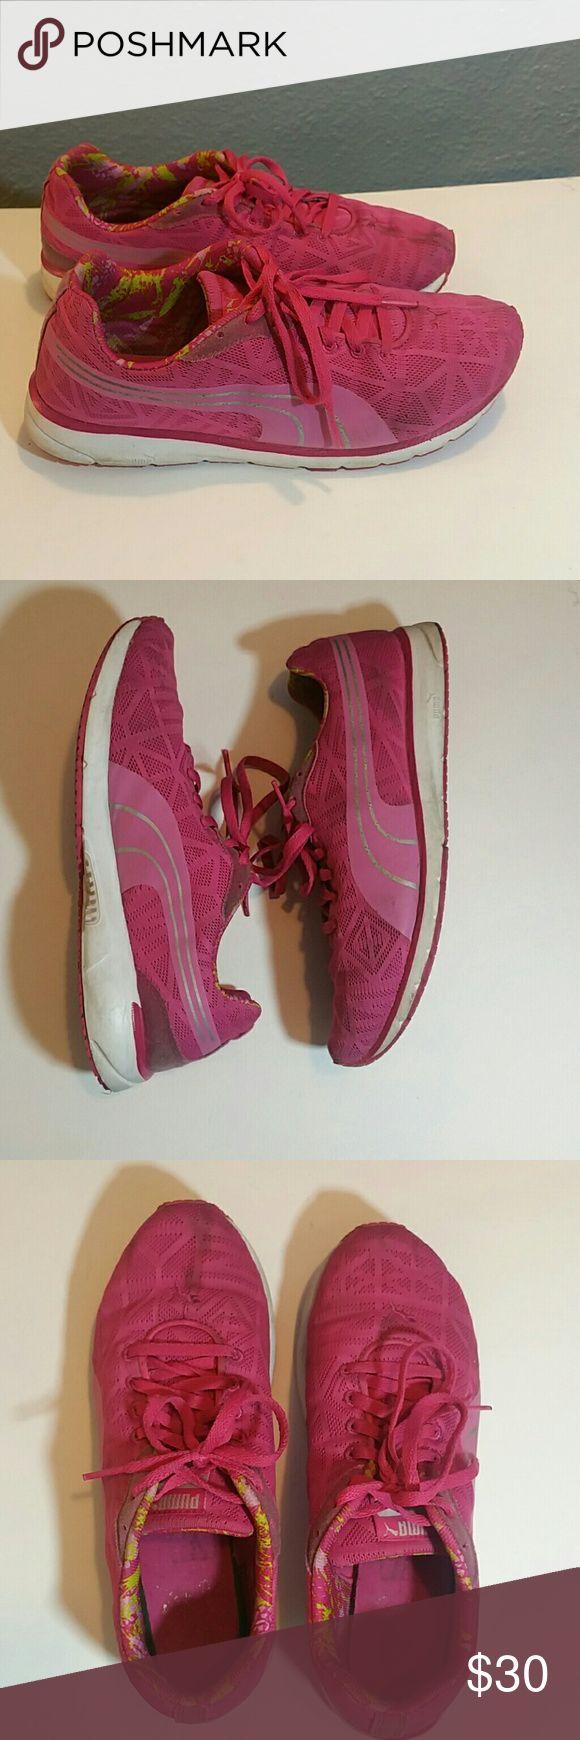 Women's shoes Pink Puma Sport shoes Puma Shoes Athletic Shoes